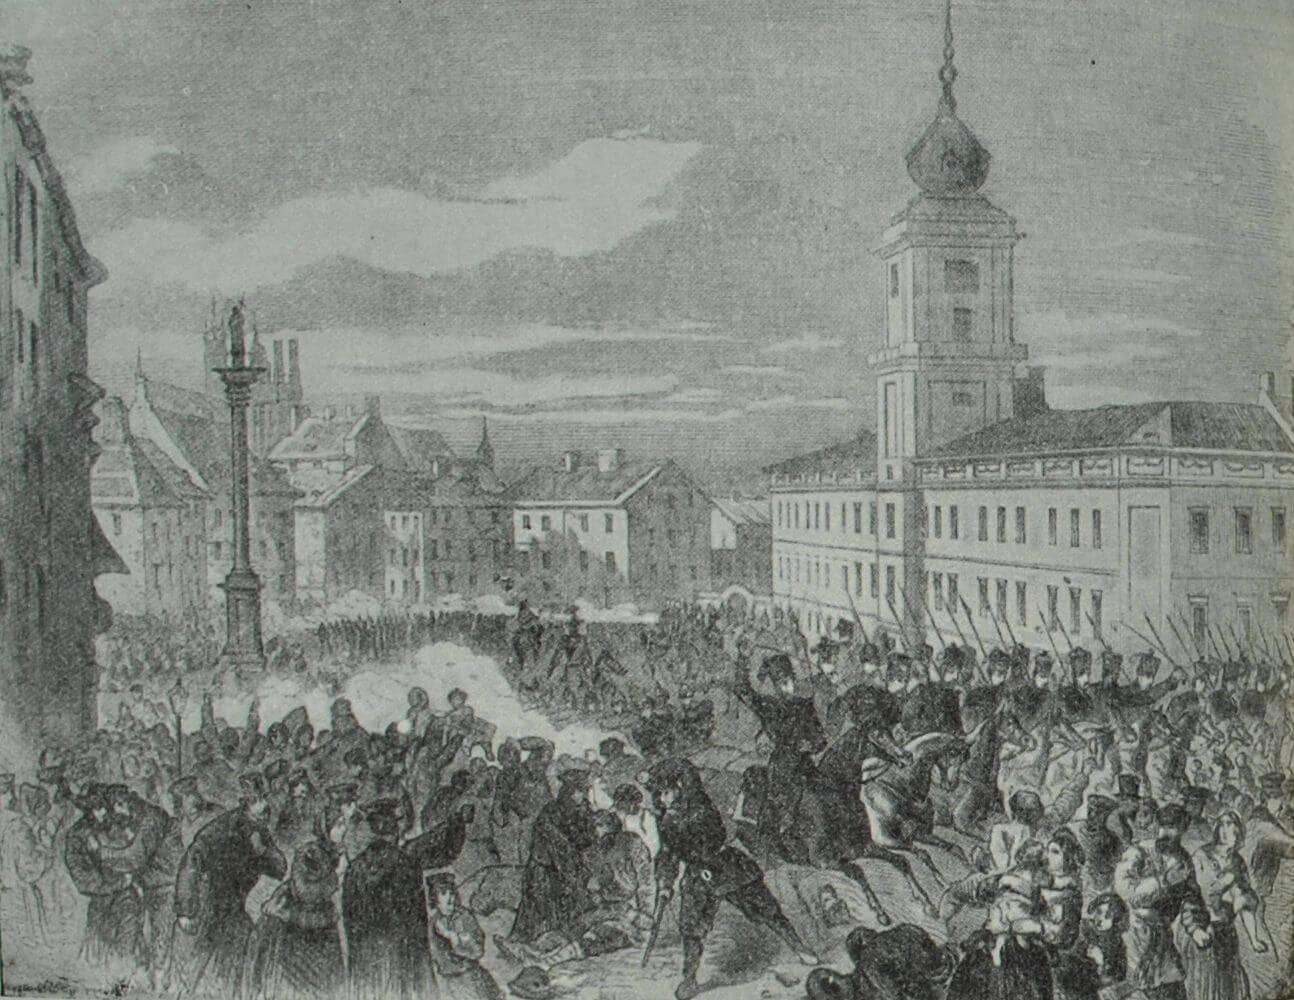 Разгон народной демонстрации в Варшаве 8 апреля 1861 г. Гравюра 1861 г.